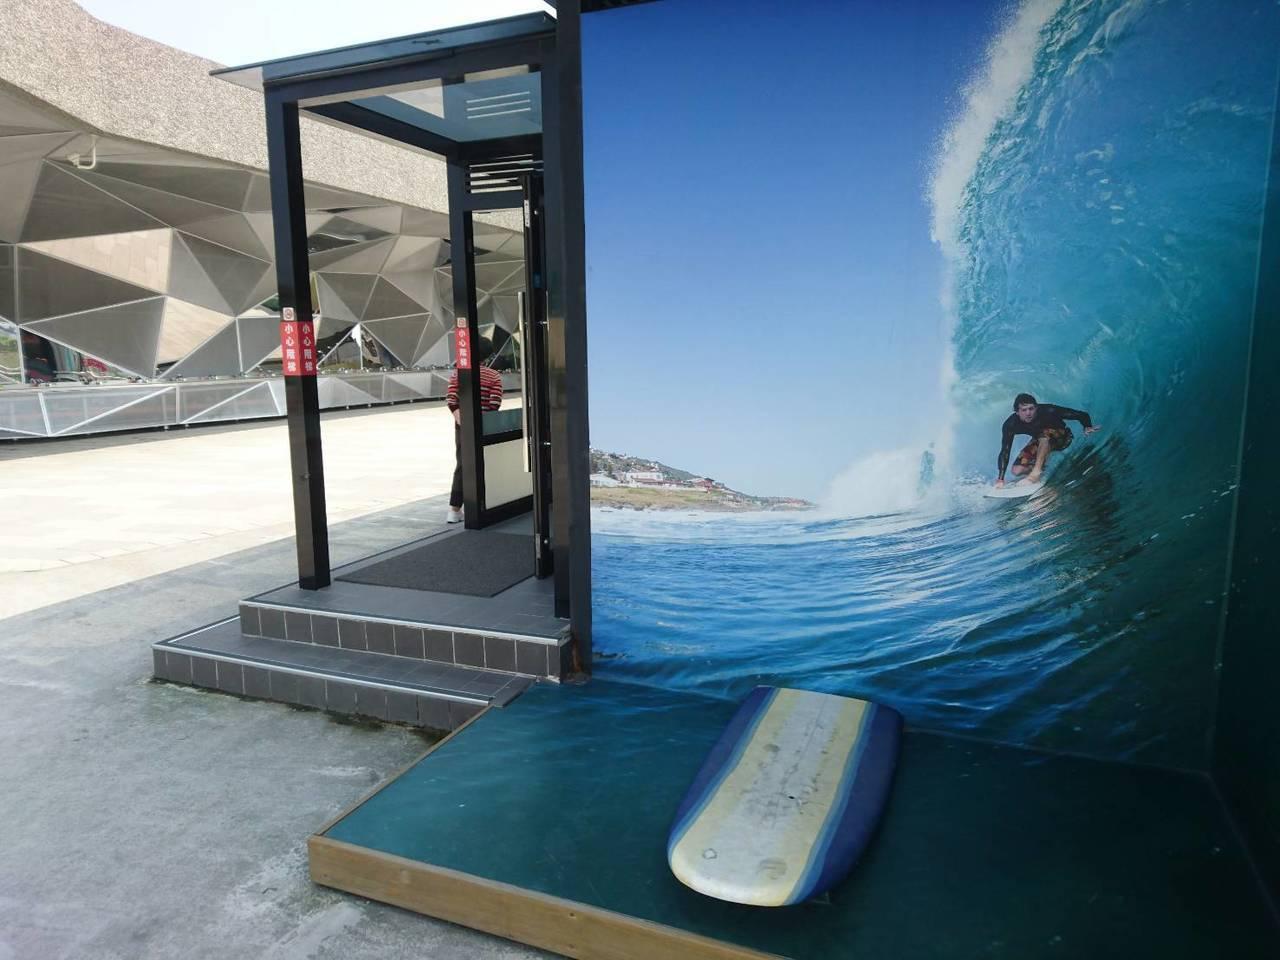 蘇澳服務區第一期工程目前設有公廁、停車場、小型簡易賣場,提供用路人中途休息站因位...